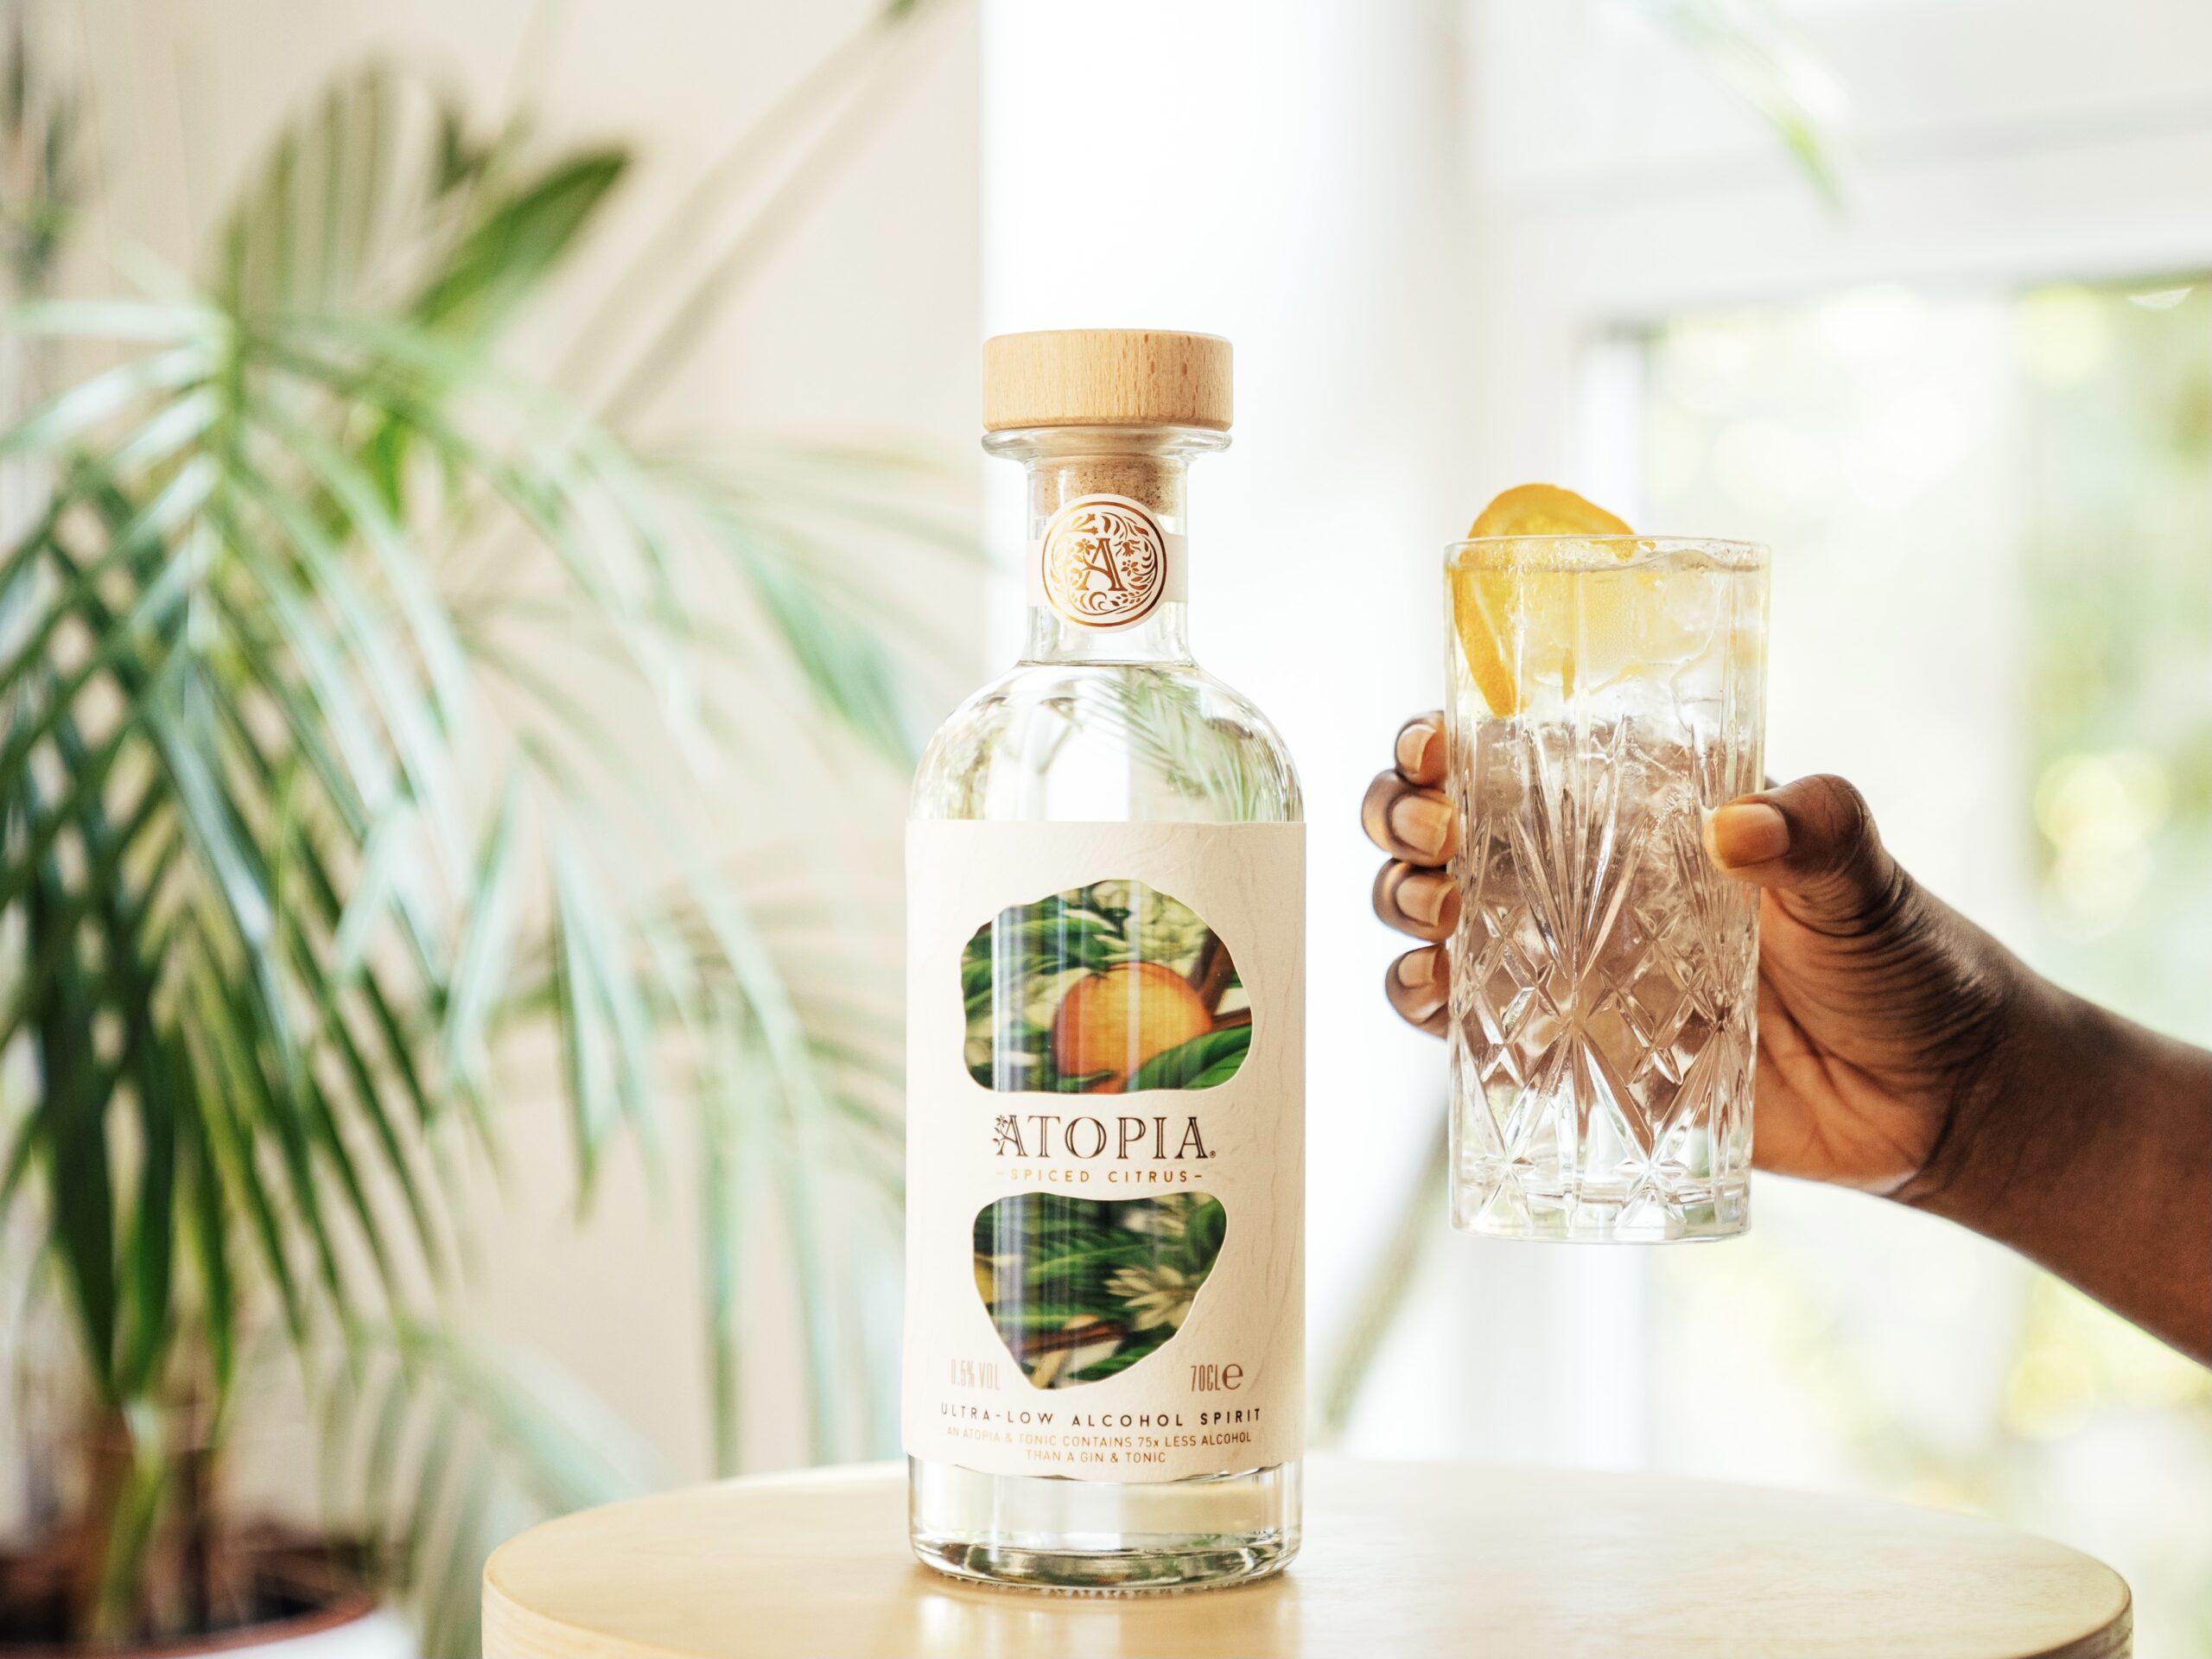 Atopia - Spiced Citrus low alcohol spirit